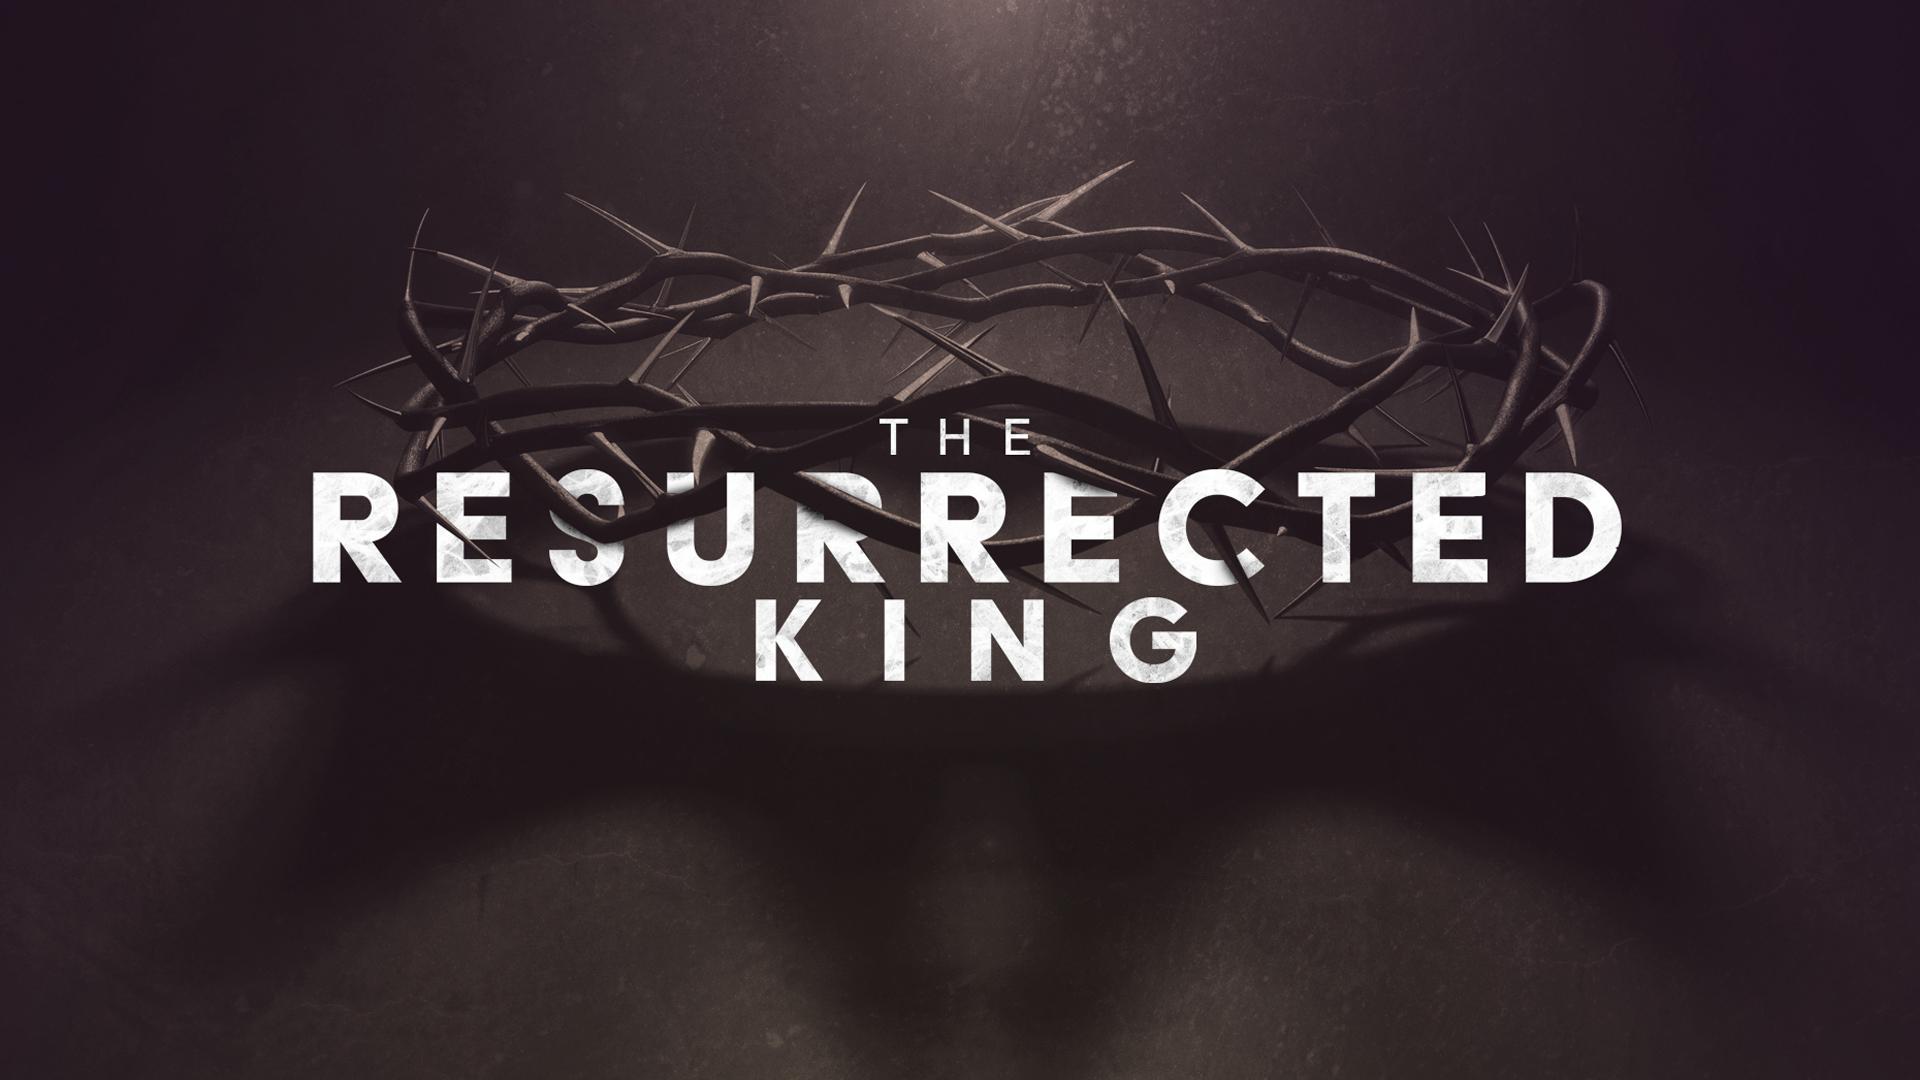 The-Resurrected-King_Title Slide.jpg